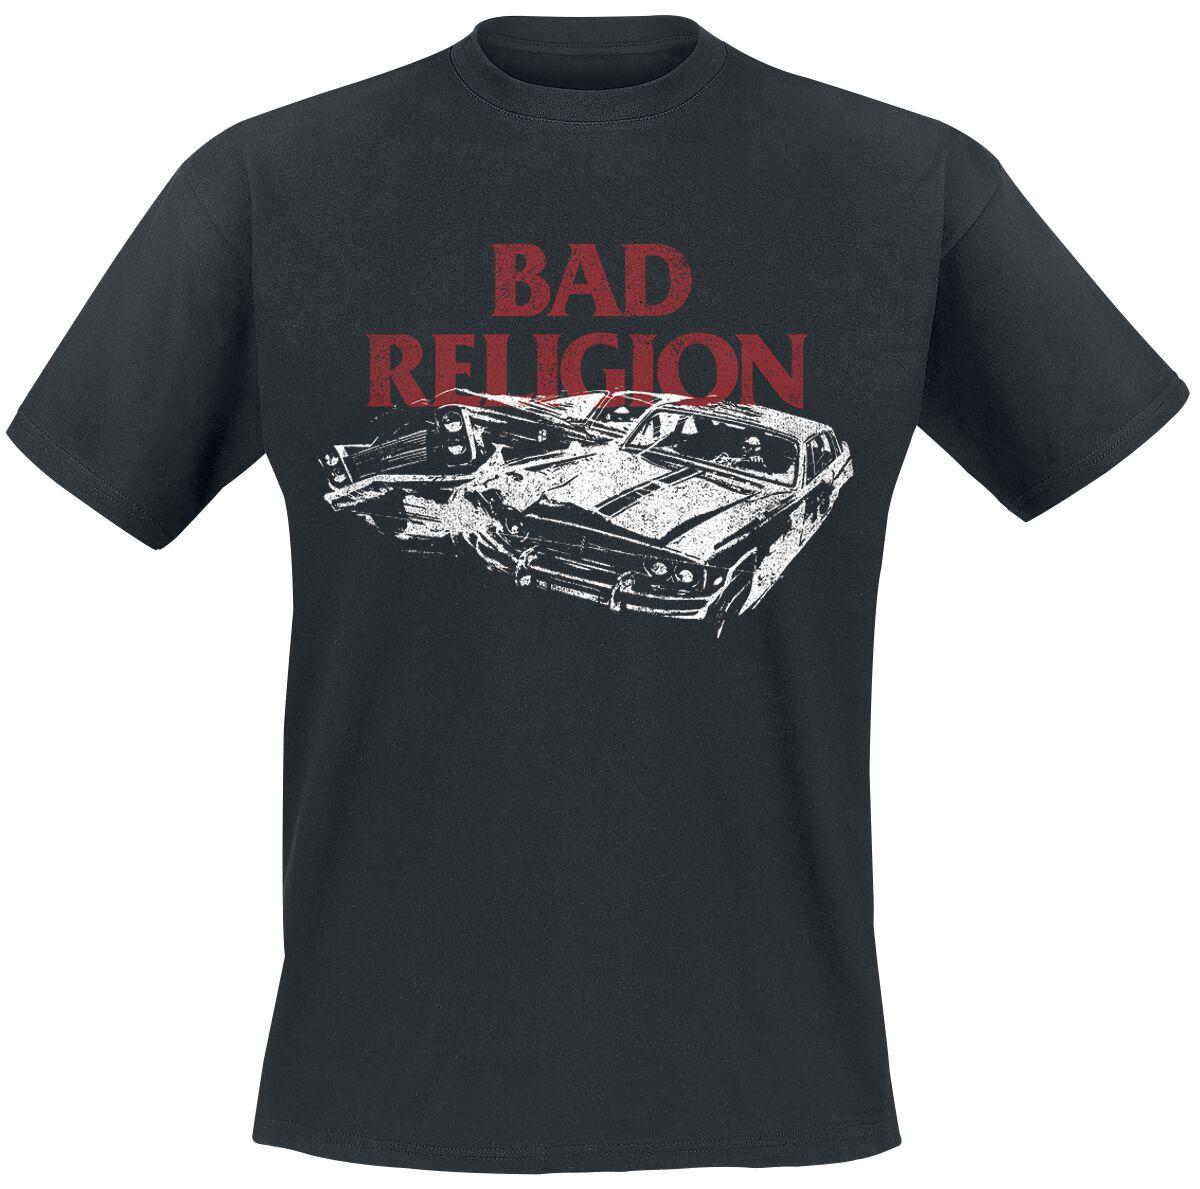 Image of Bad Religion Car Crash T-Shirt schwarz